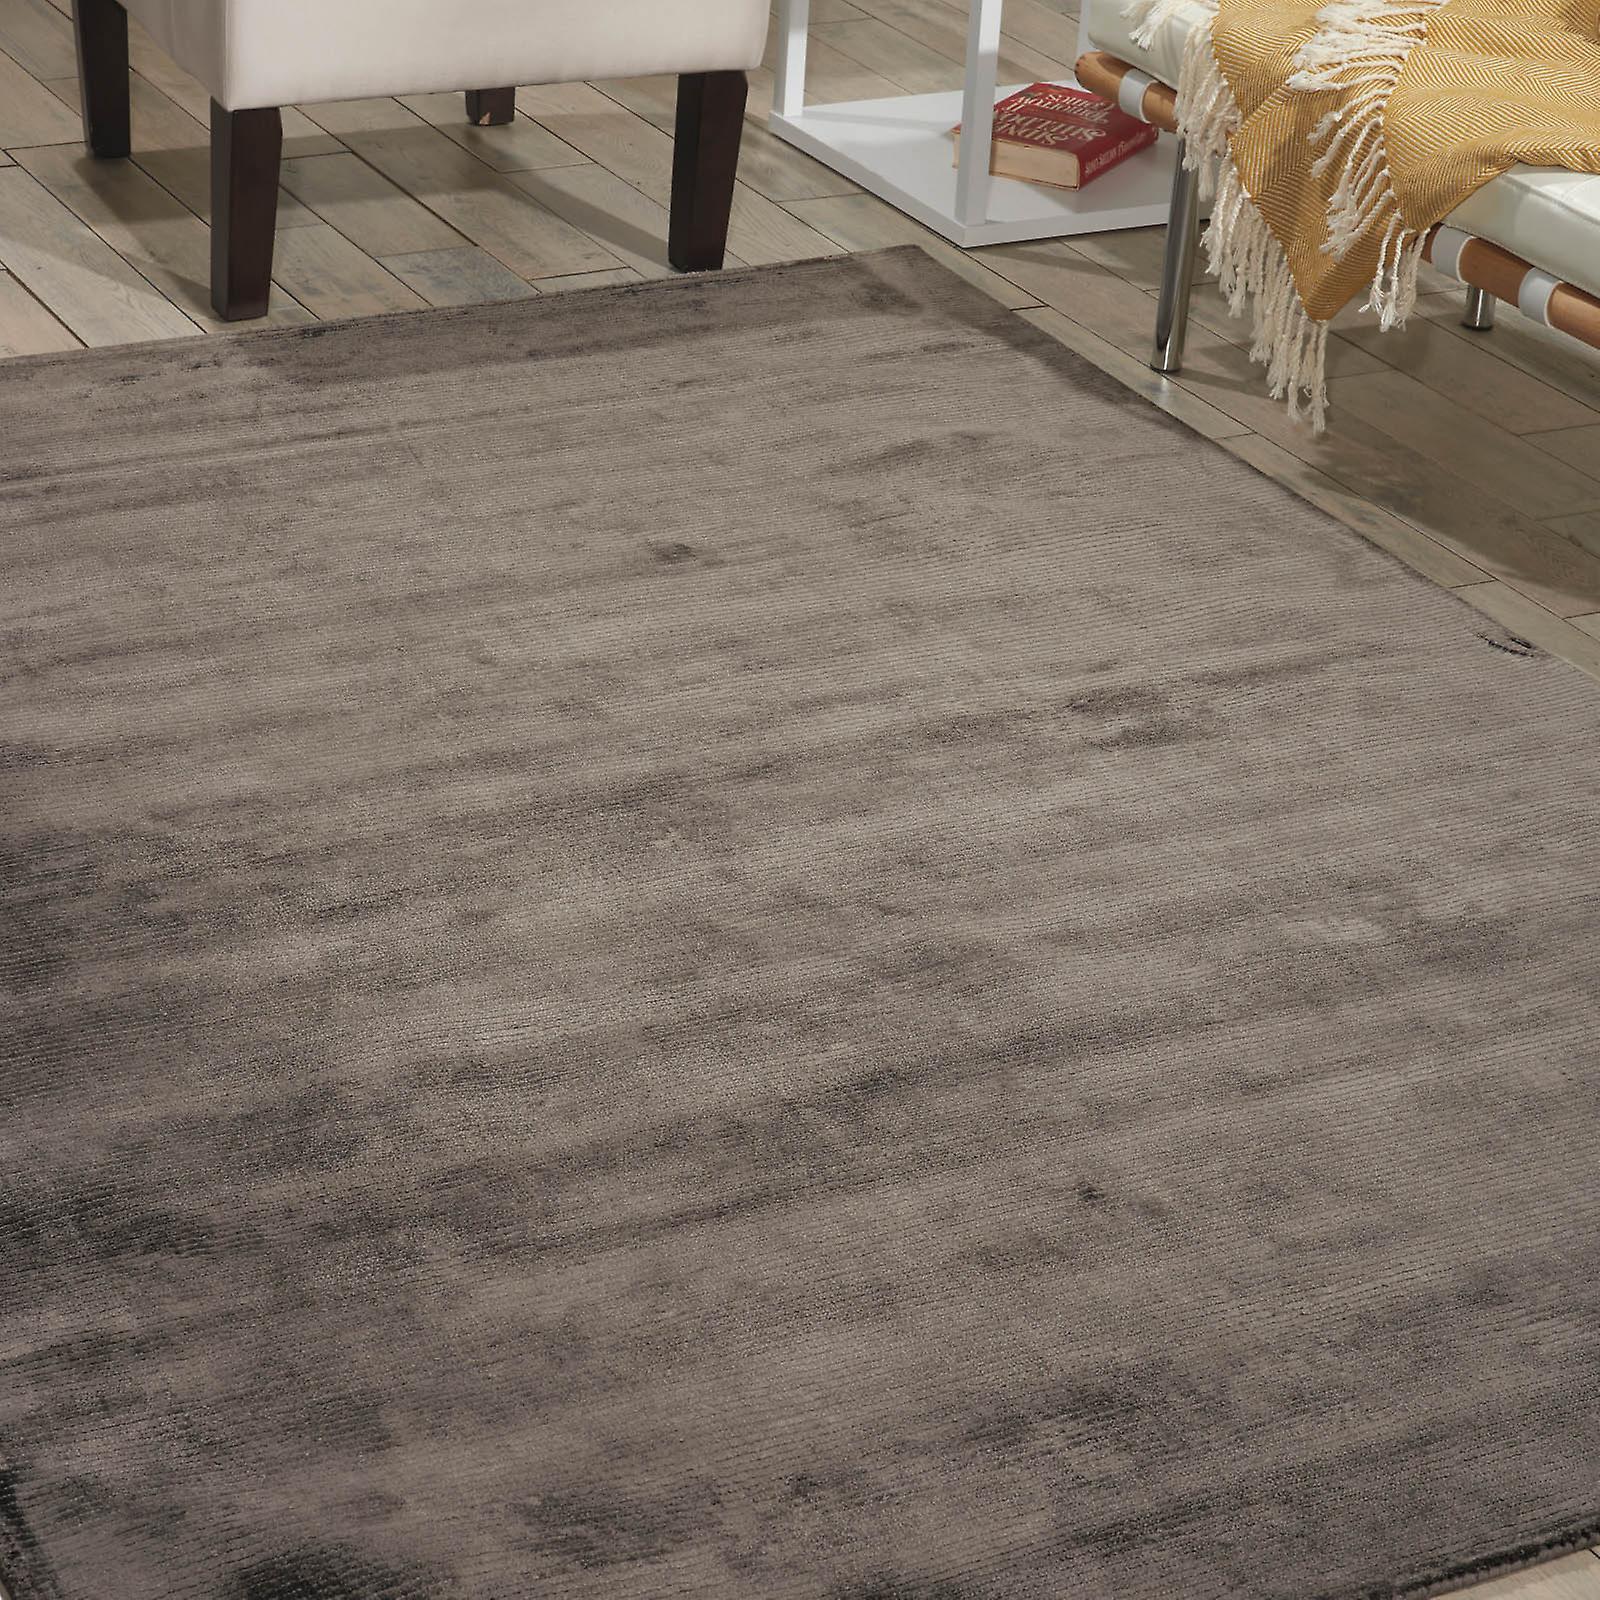 Calvin Klein alfombras Lunar Lun1 tormenta